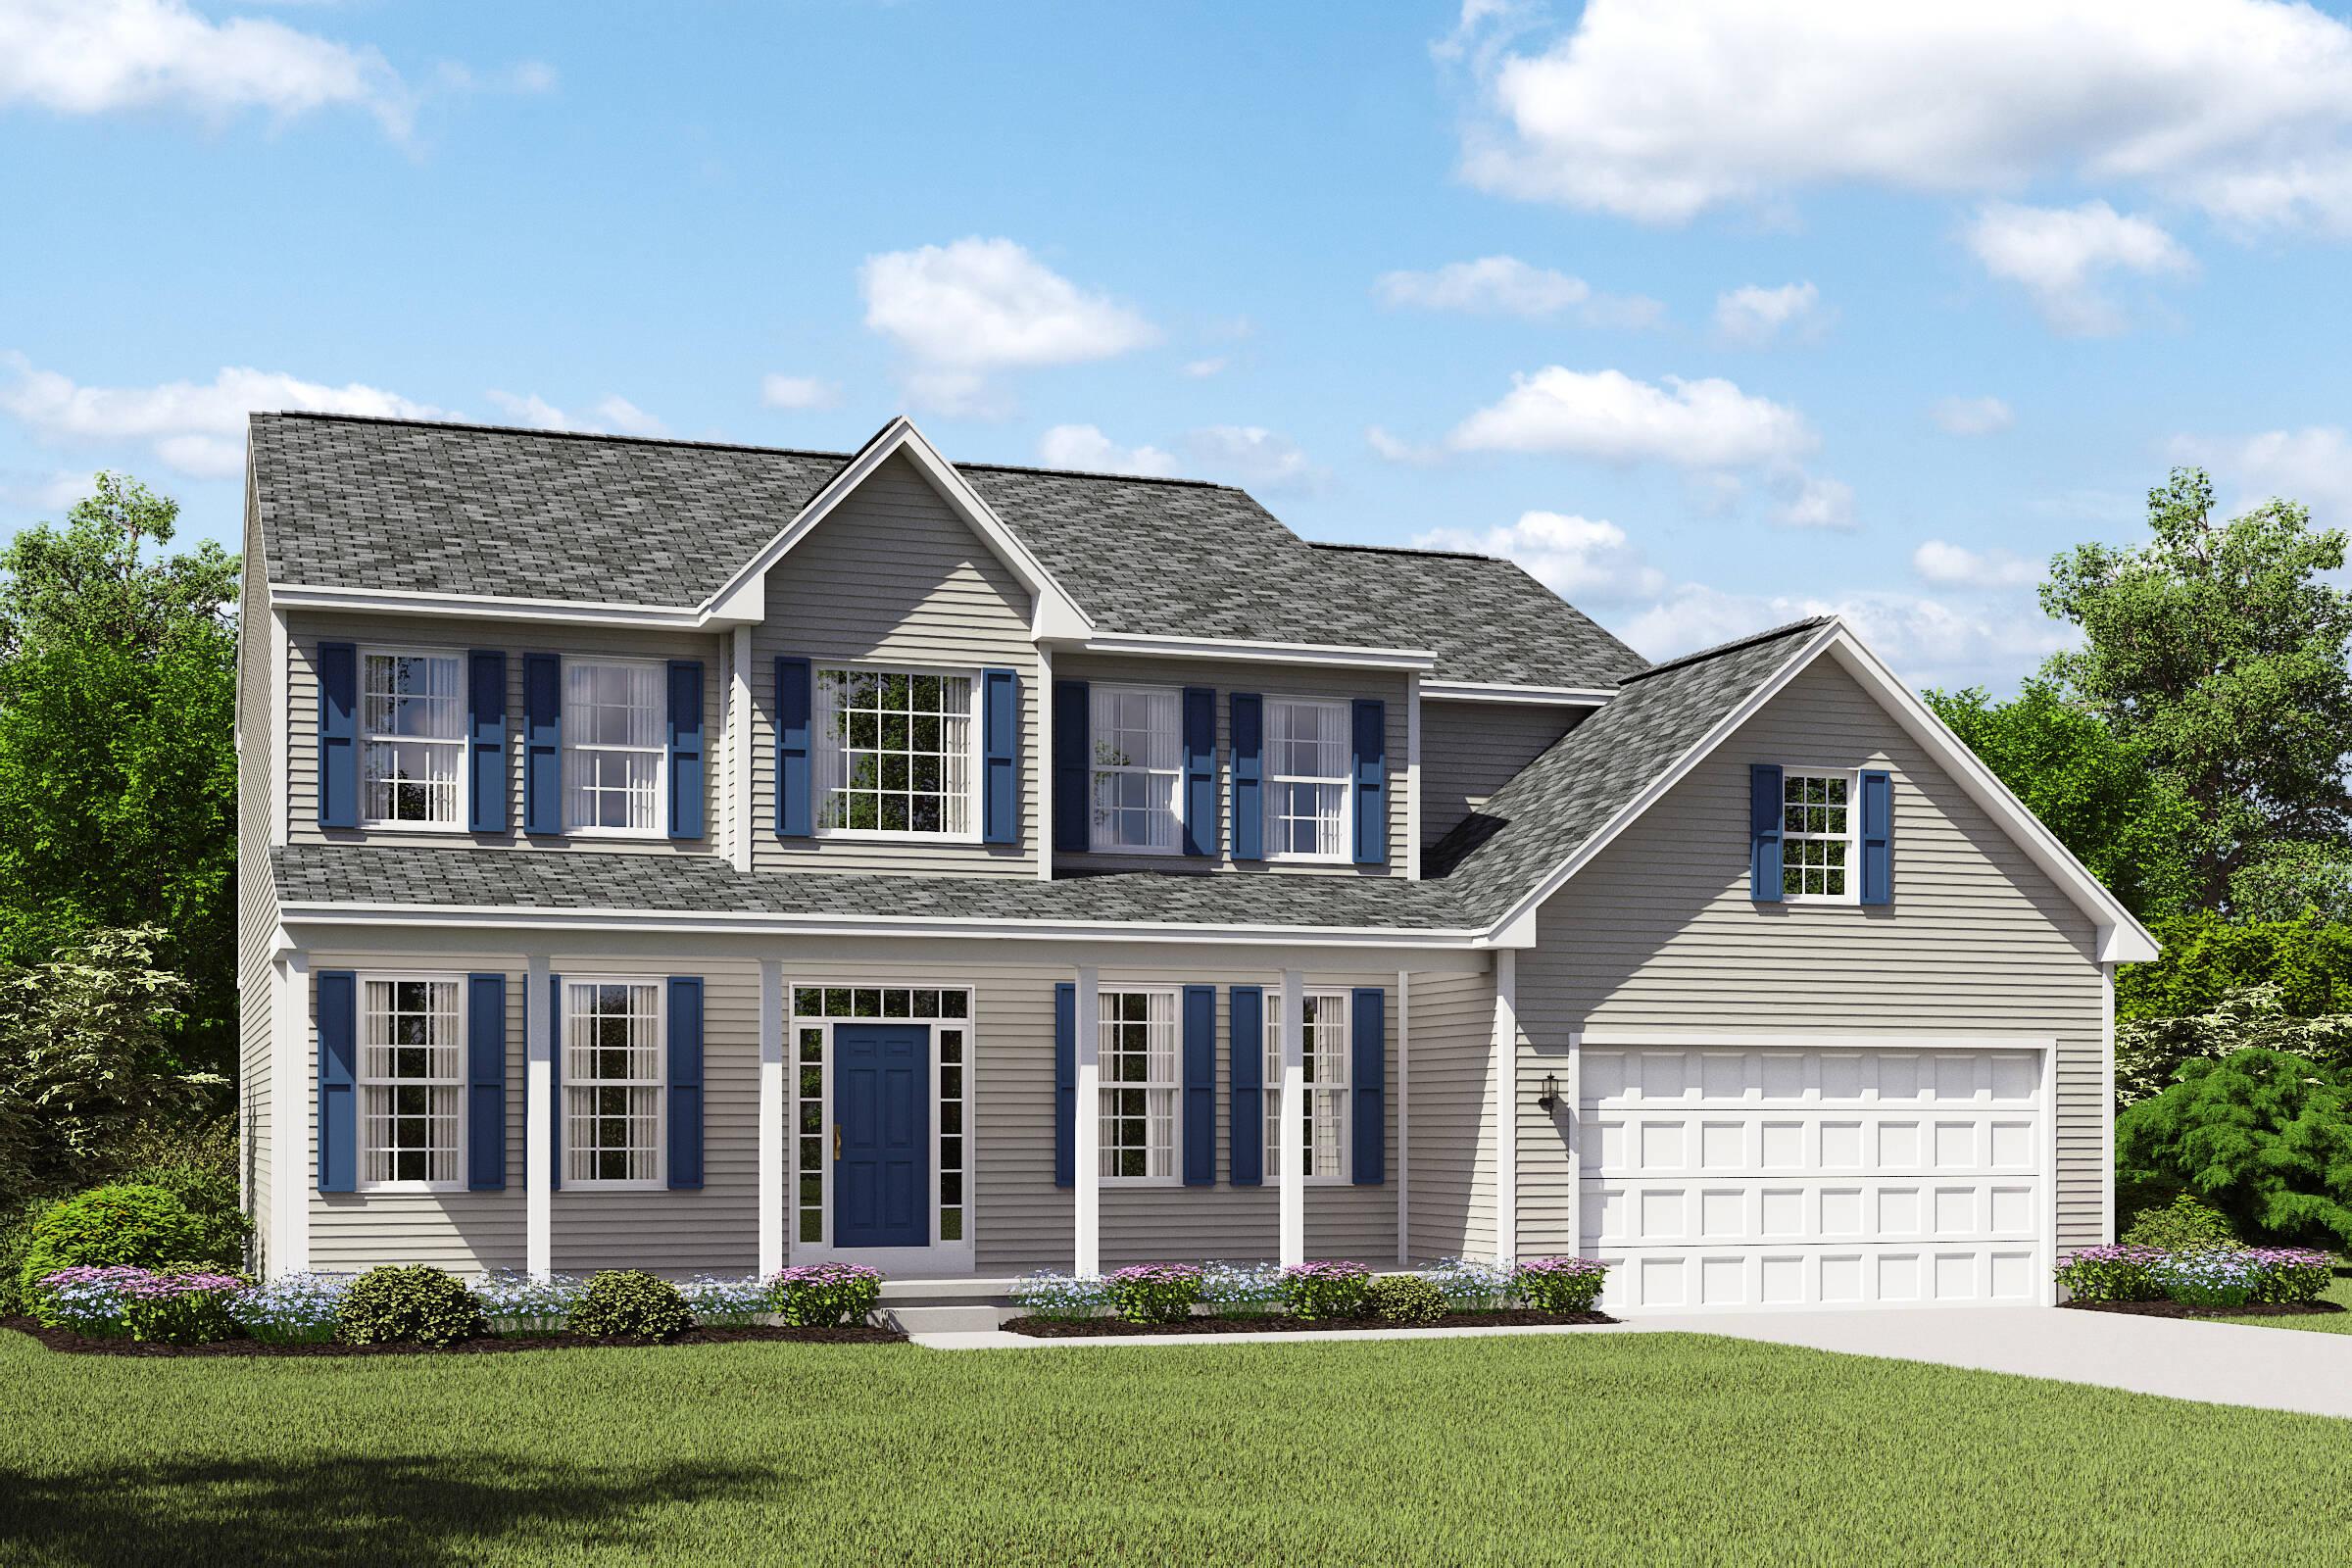 Waterbury II BS luxury two story homes k hovnanian homes